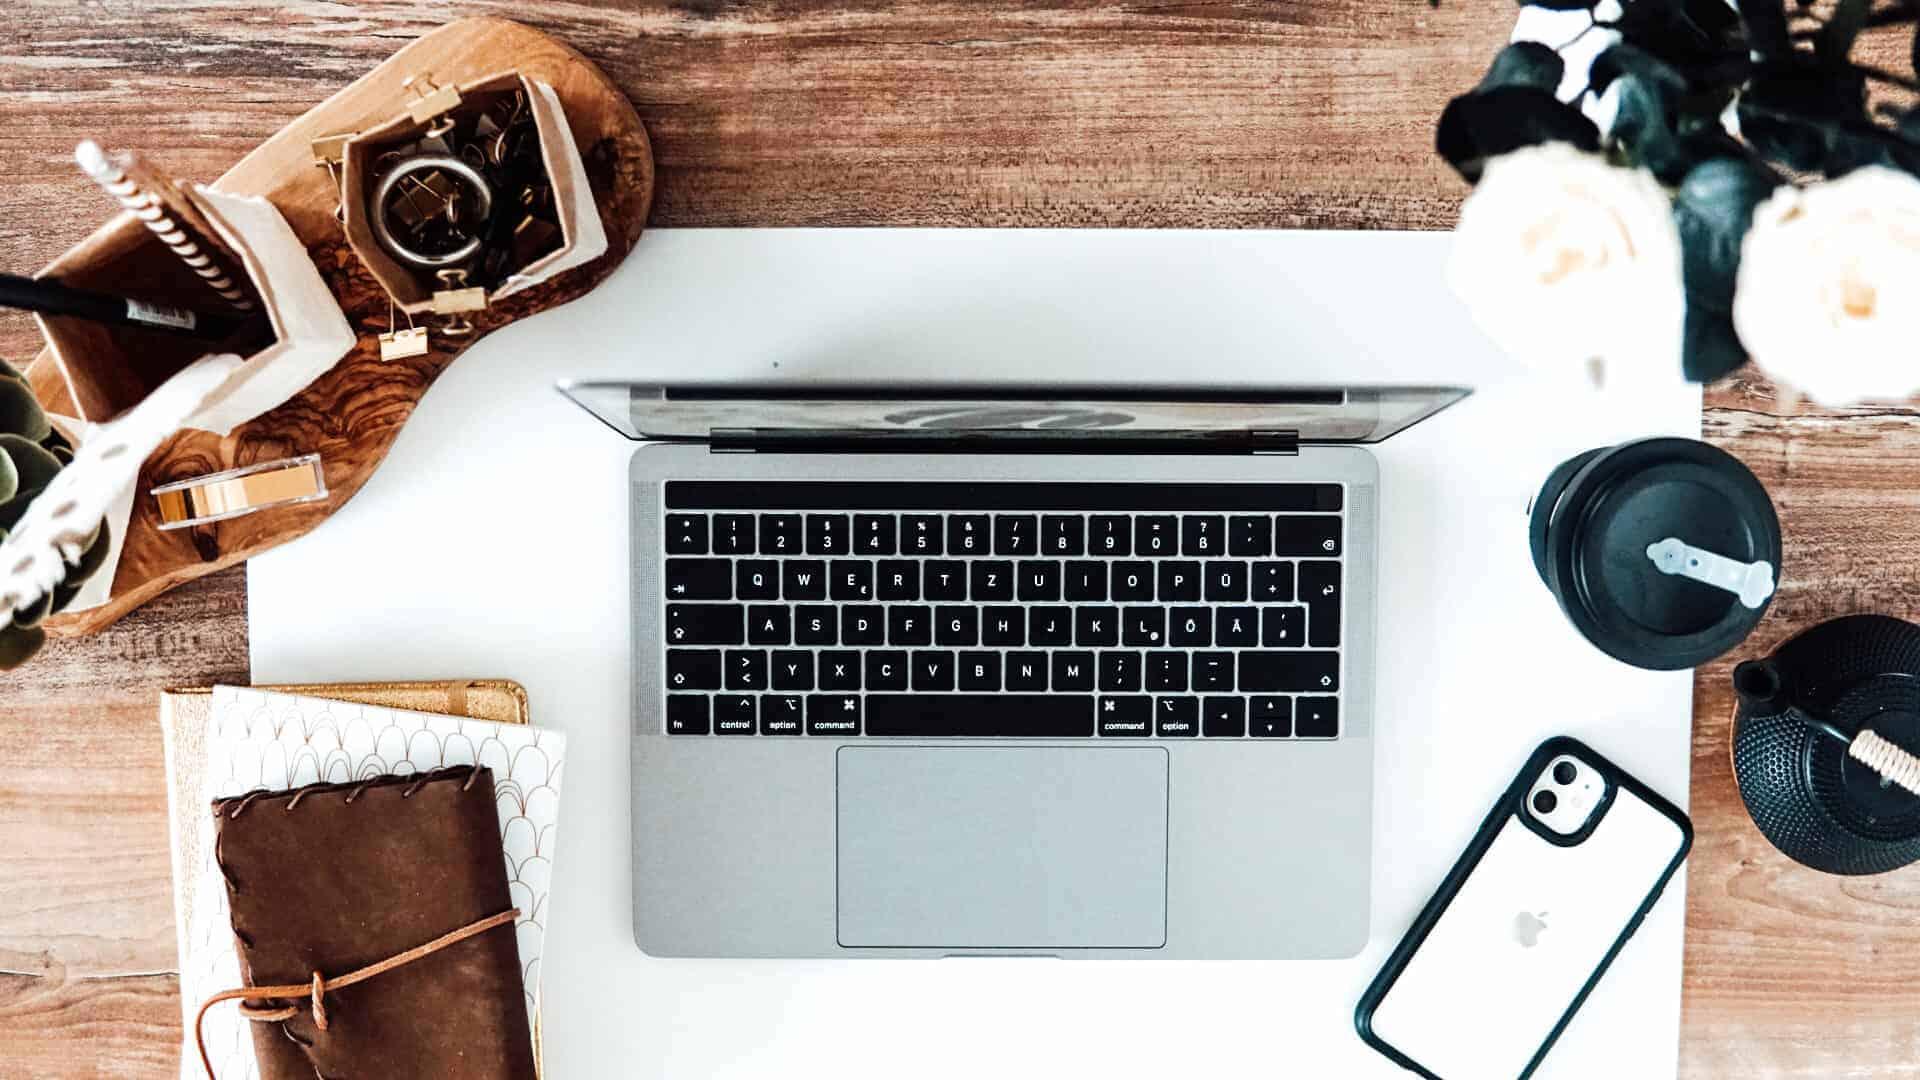 DIY Dienstleistungen Blog Kooperation Content Produktion